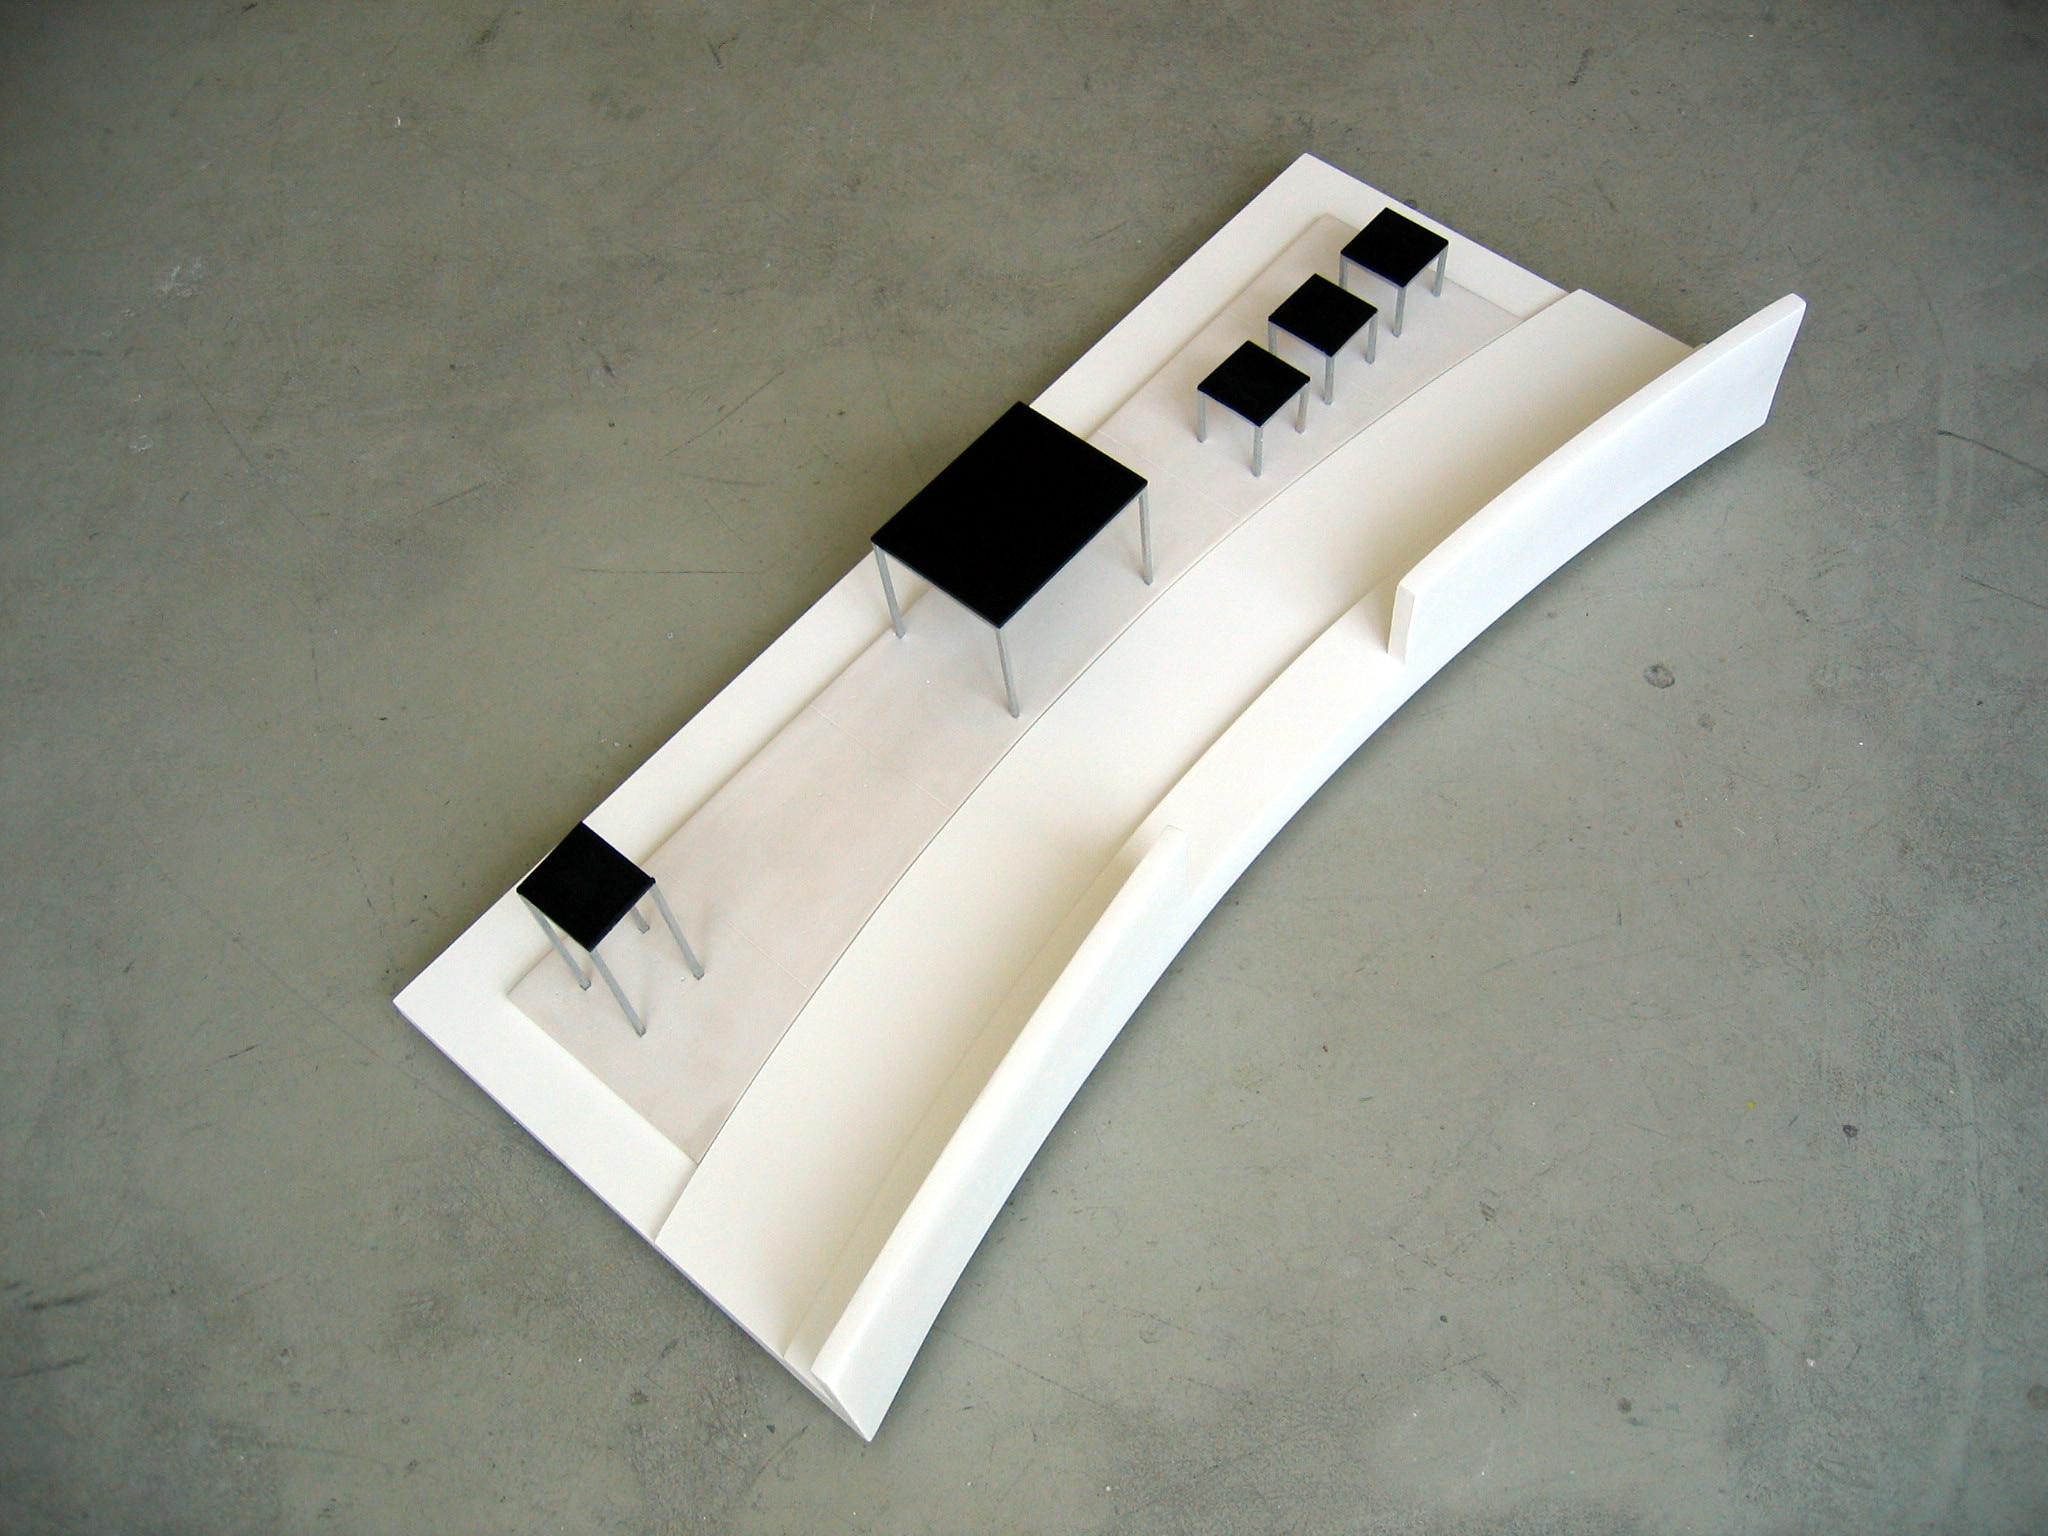 © RUNSER / PRANTL architekten, Altar, Kirche am Steinhof, Diözese Wien, 1140 Wien, Österreich, geladener Wettbewerb, 2006, Altar